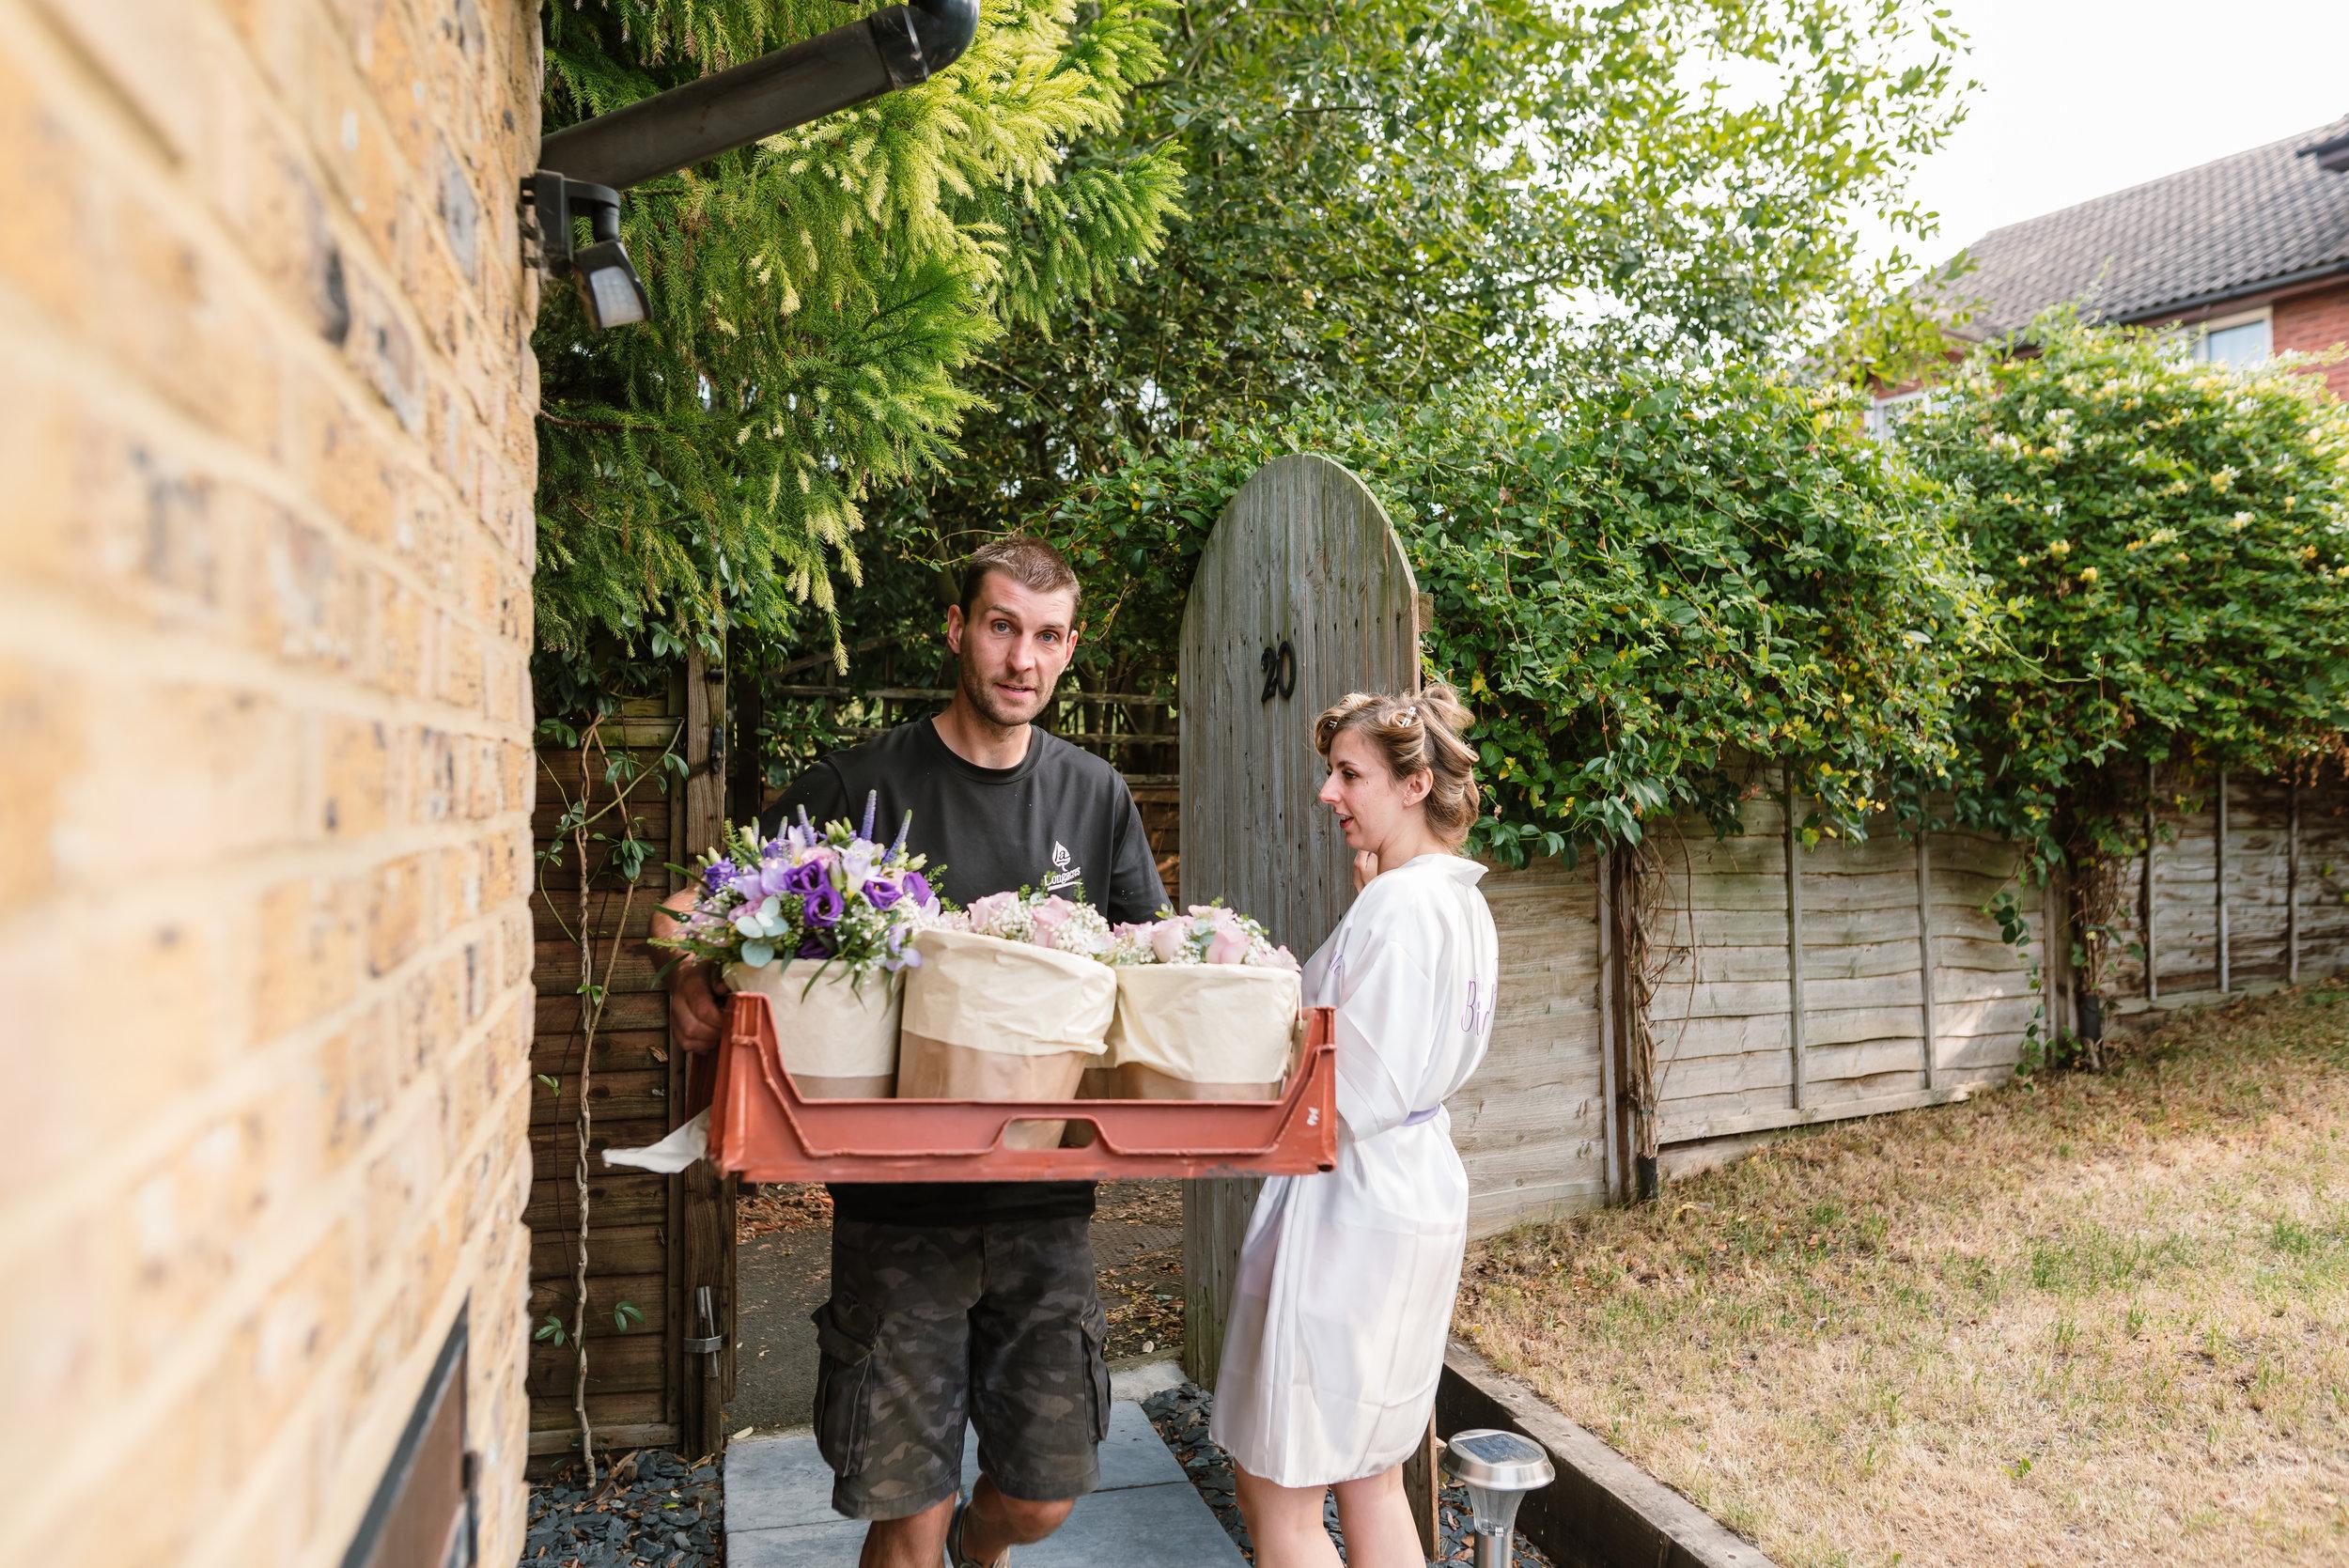 Hampshire Wedding Photographer Hampshire : Ufton-Court-Wedding : Barn-wedding-venue-hampshire : sarah-fishlock-photography : hampshire-barn-wedding-28.jpg